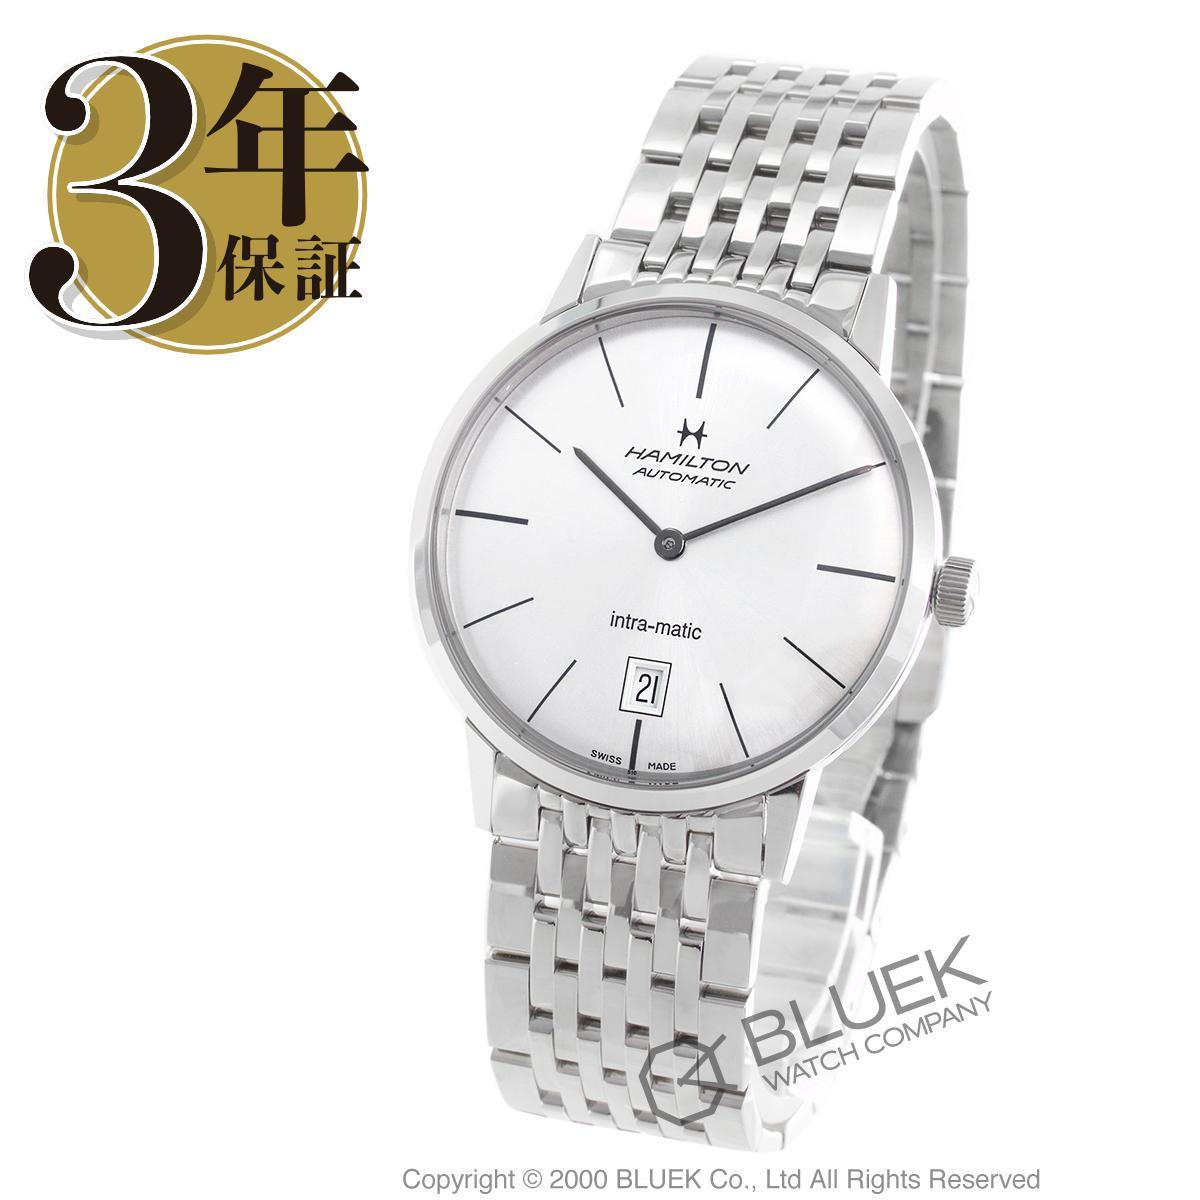 ハミルトン イントラマティック 腕時計 メンズ HAMILTON H38455151_3